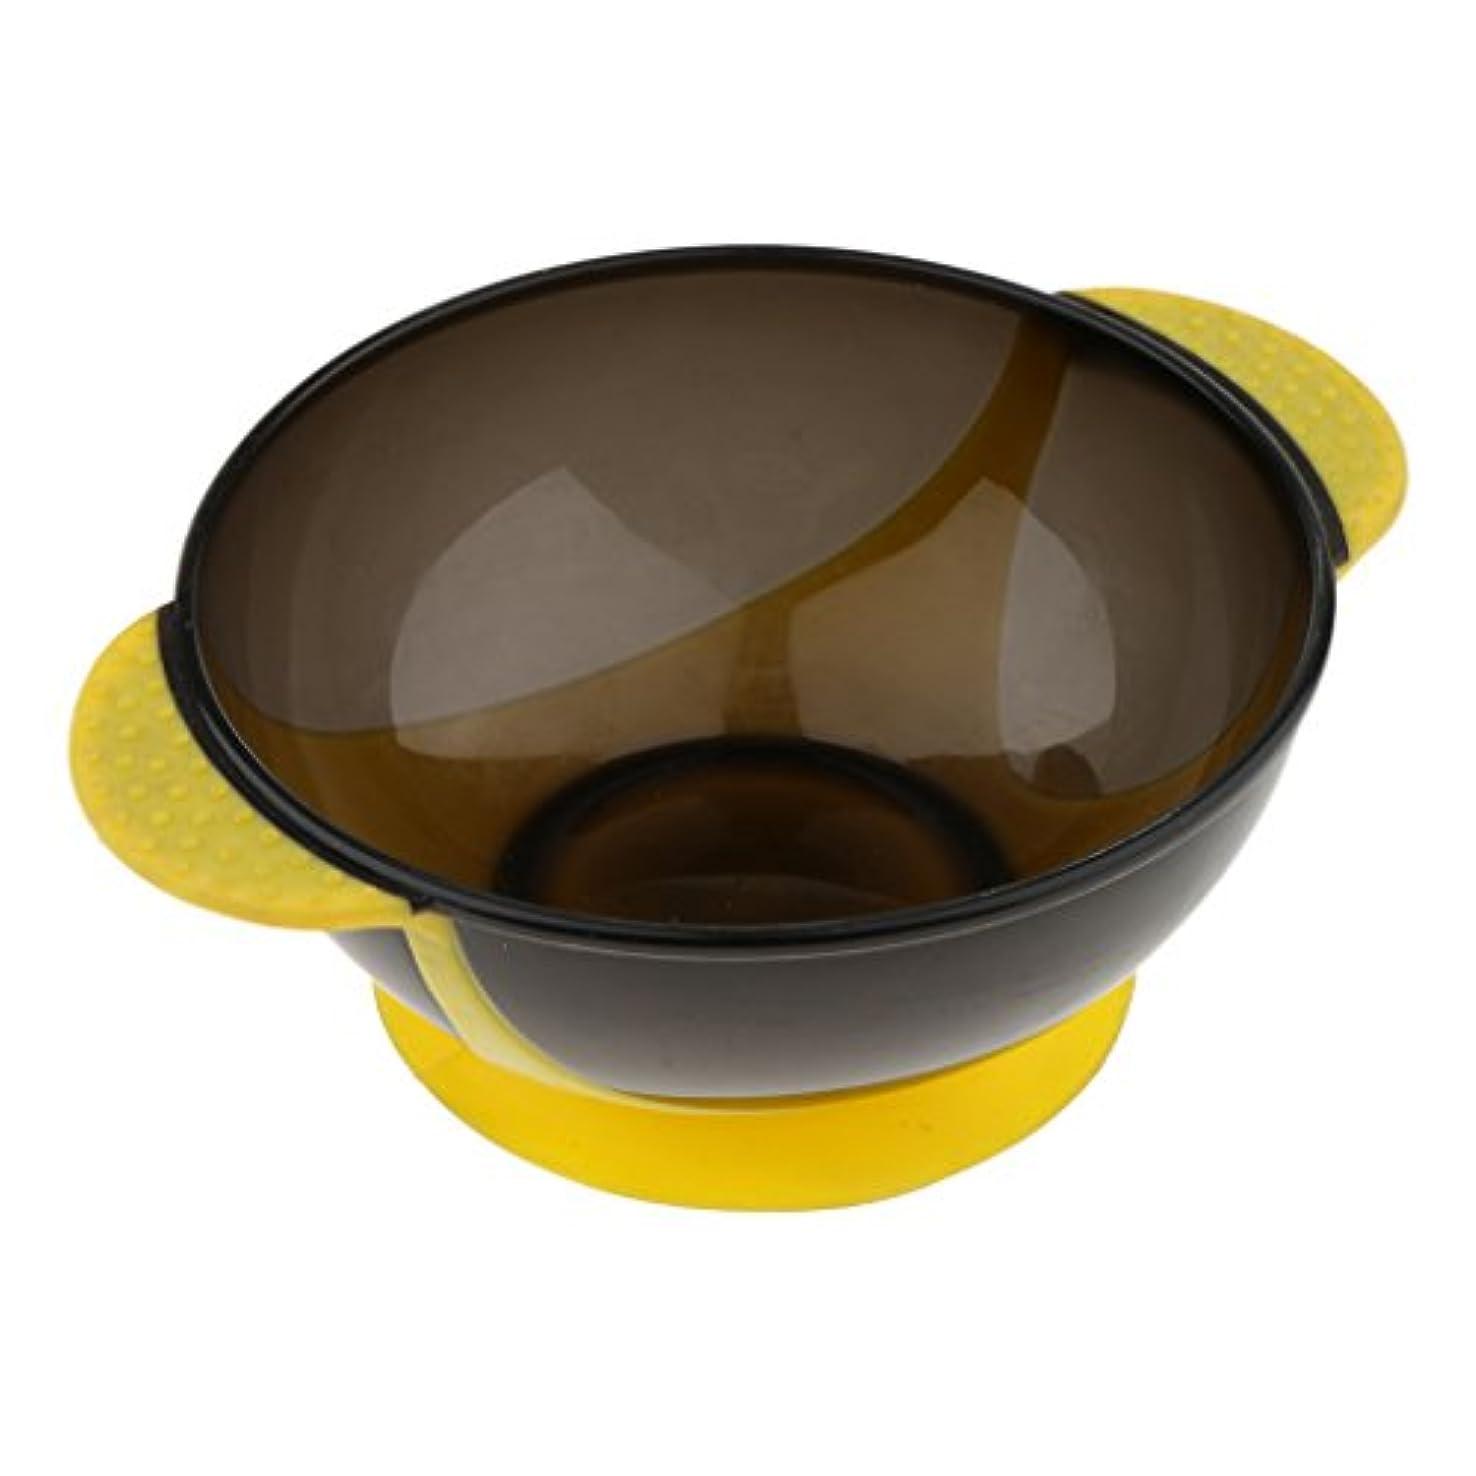 準備した悩み輸血Perfk ヘアダイボウル プラスチック製 サロン 髪染め ミントボウル 着色ツール 吸引ベース 3色選べる - 黄